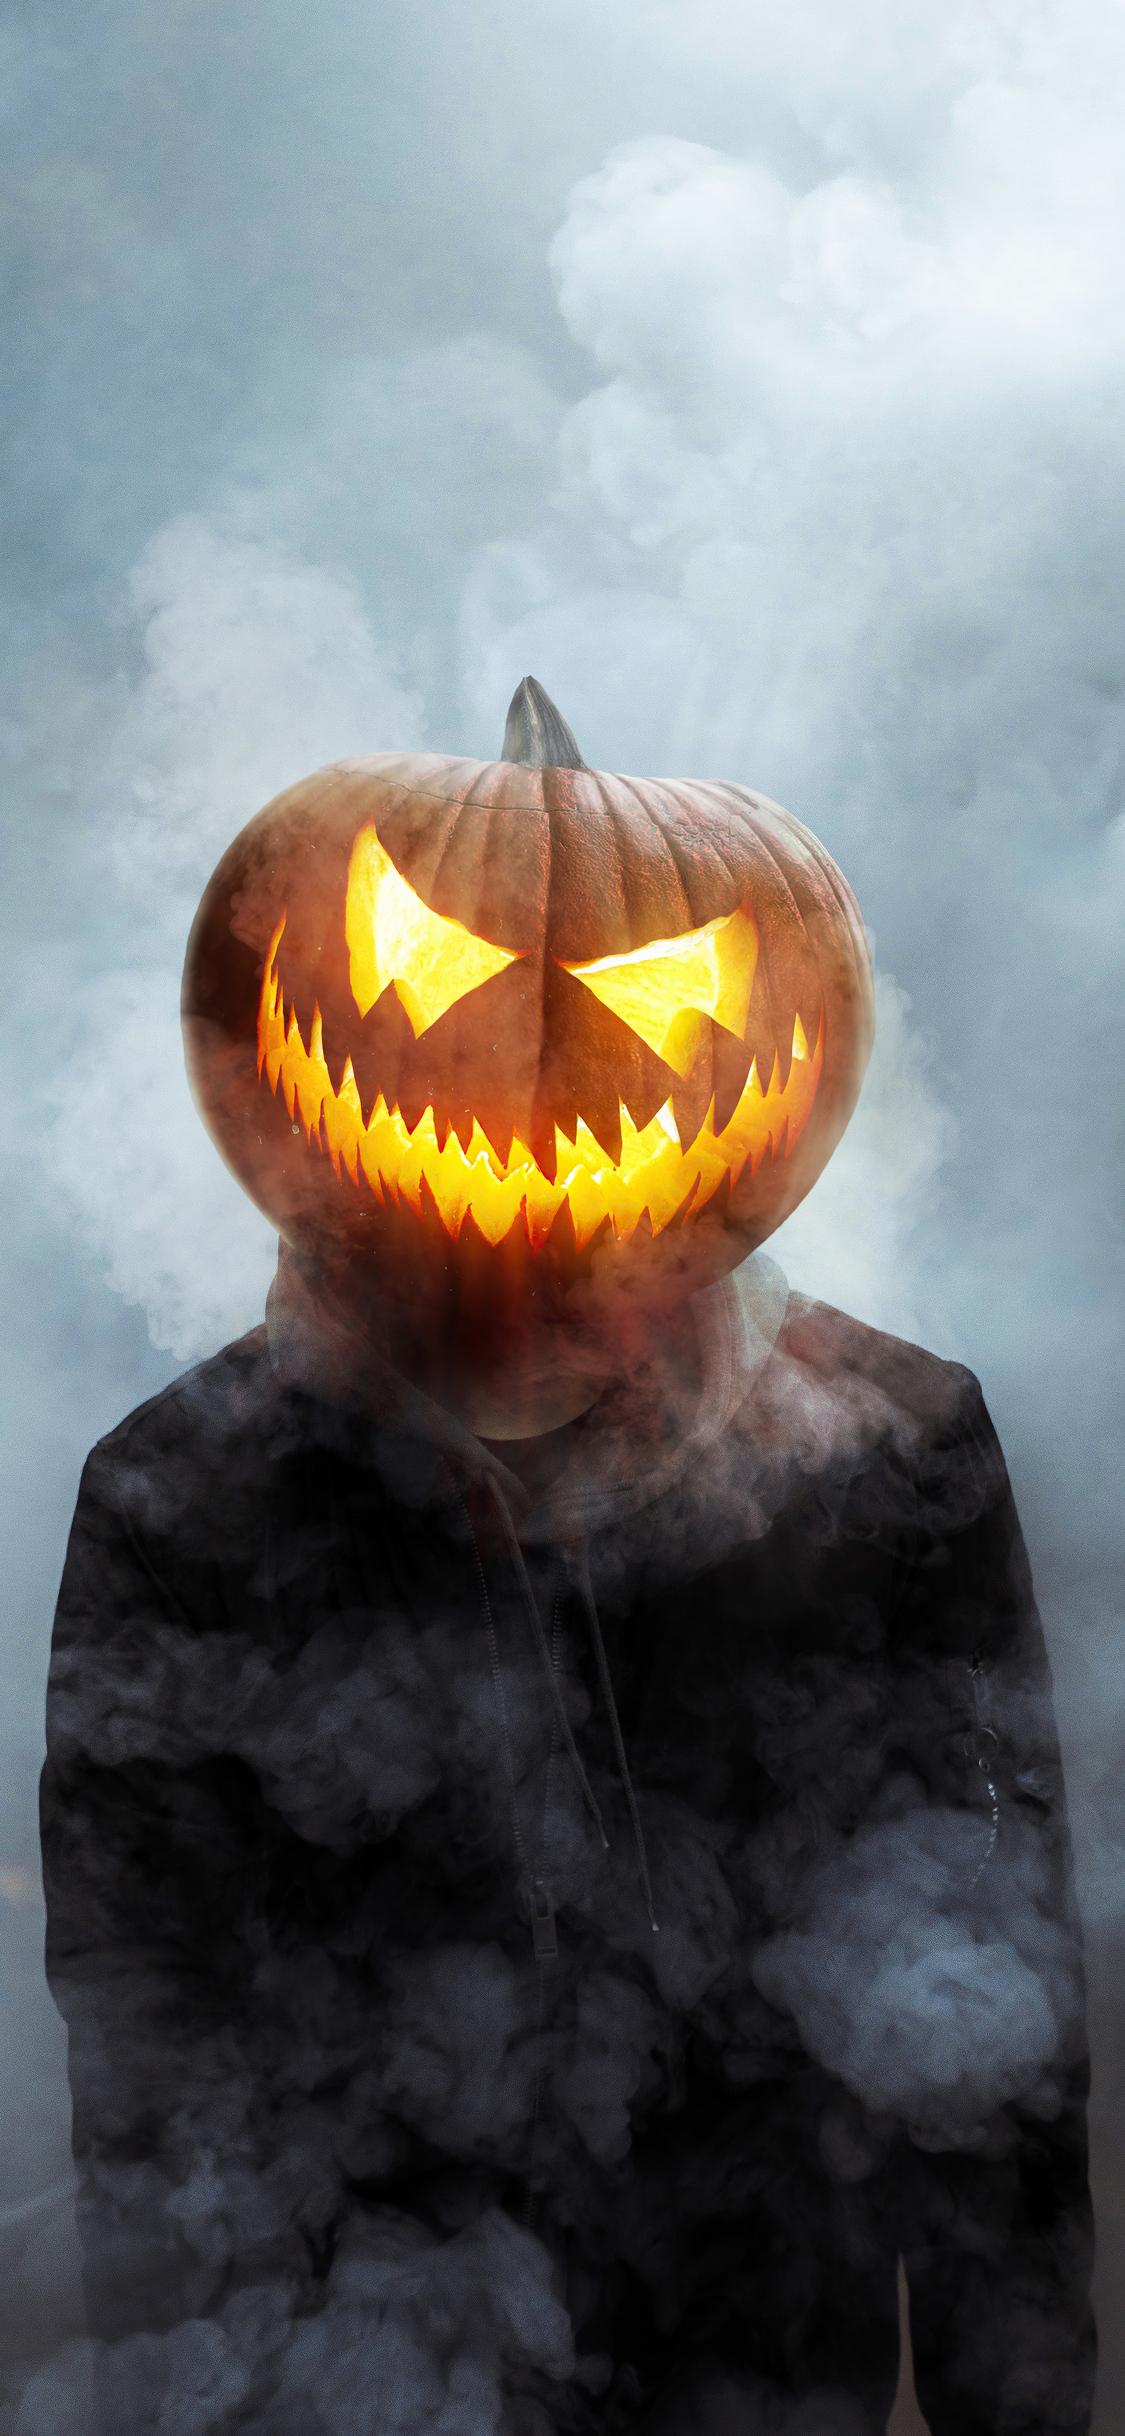 halloween-glowing-face-4k-50.jpg